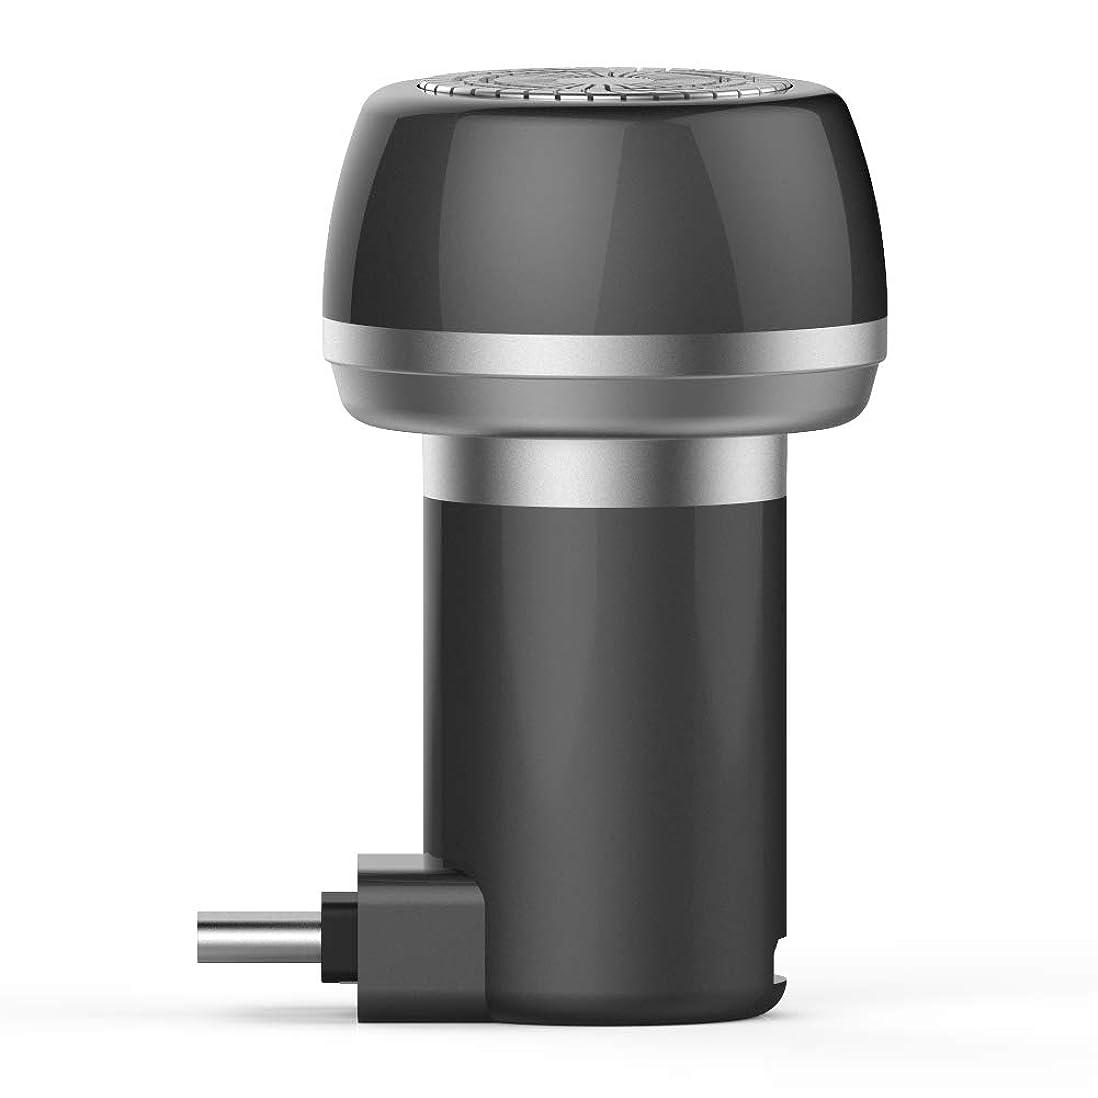 ランドマーク汚す紀元前Symboat 2 1磁気電気シェーバーミニポータブルType-C 男と女 USB防水剃刀 電気シェーバー 洗い可 旅行する